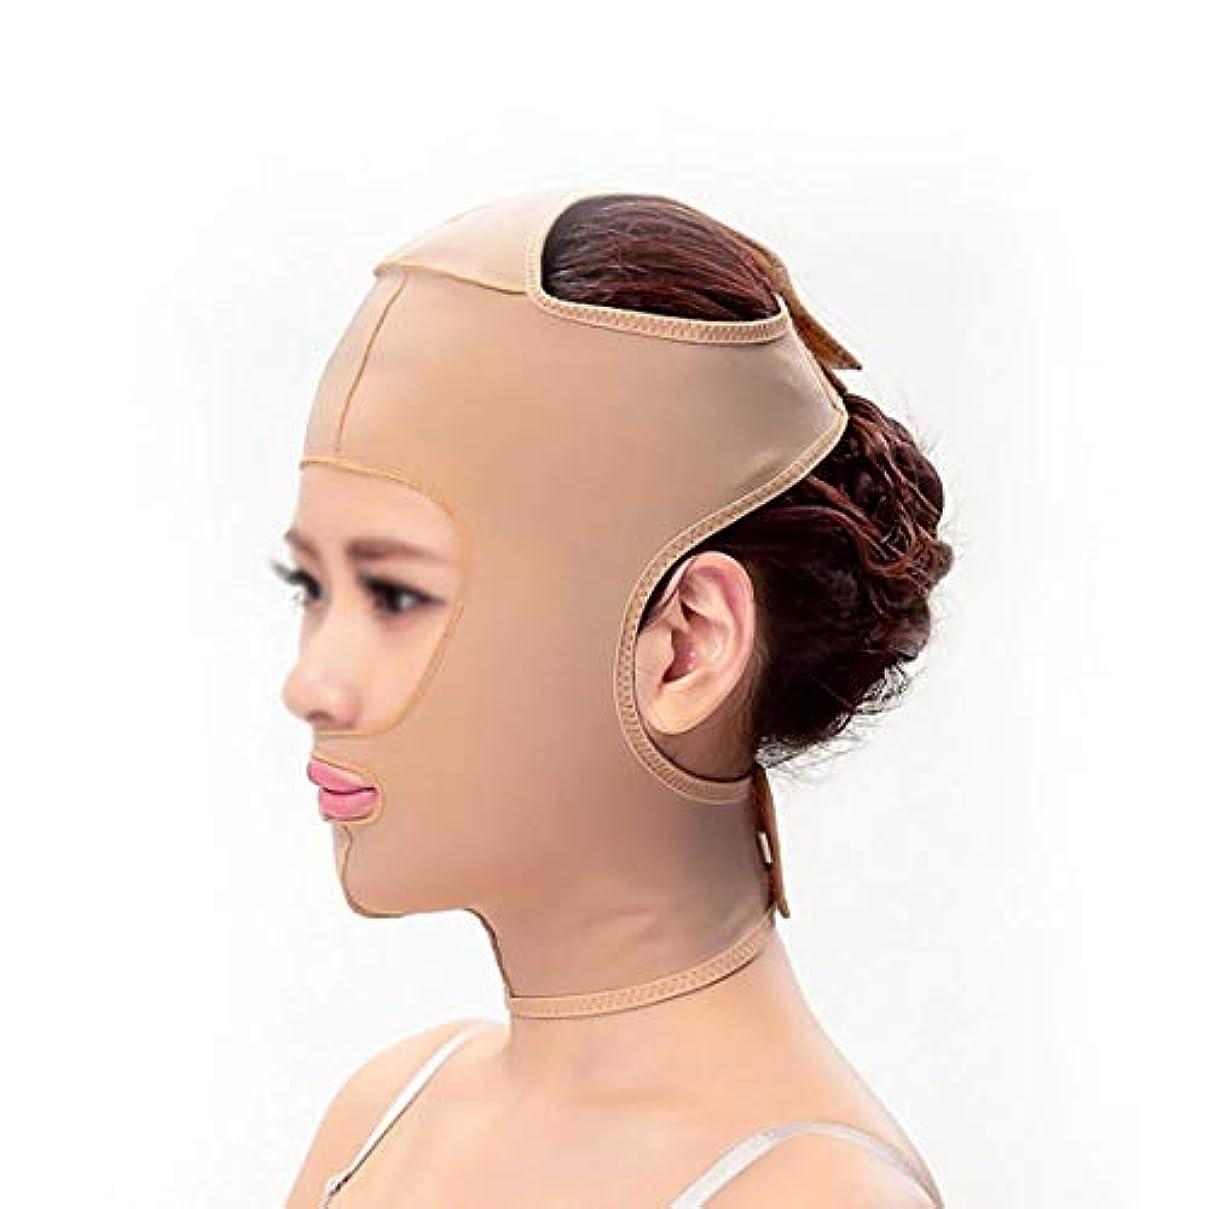 コピー柔らかい足習慣スリミングベルト、二重あごの引き締め顔面プラスチックフェイスアーティファクト強力なフェイスバンデージをサイズアップするために顔面マスクシンフェイスマスク,Xl